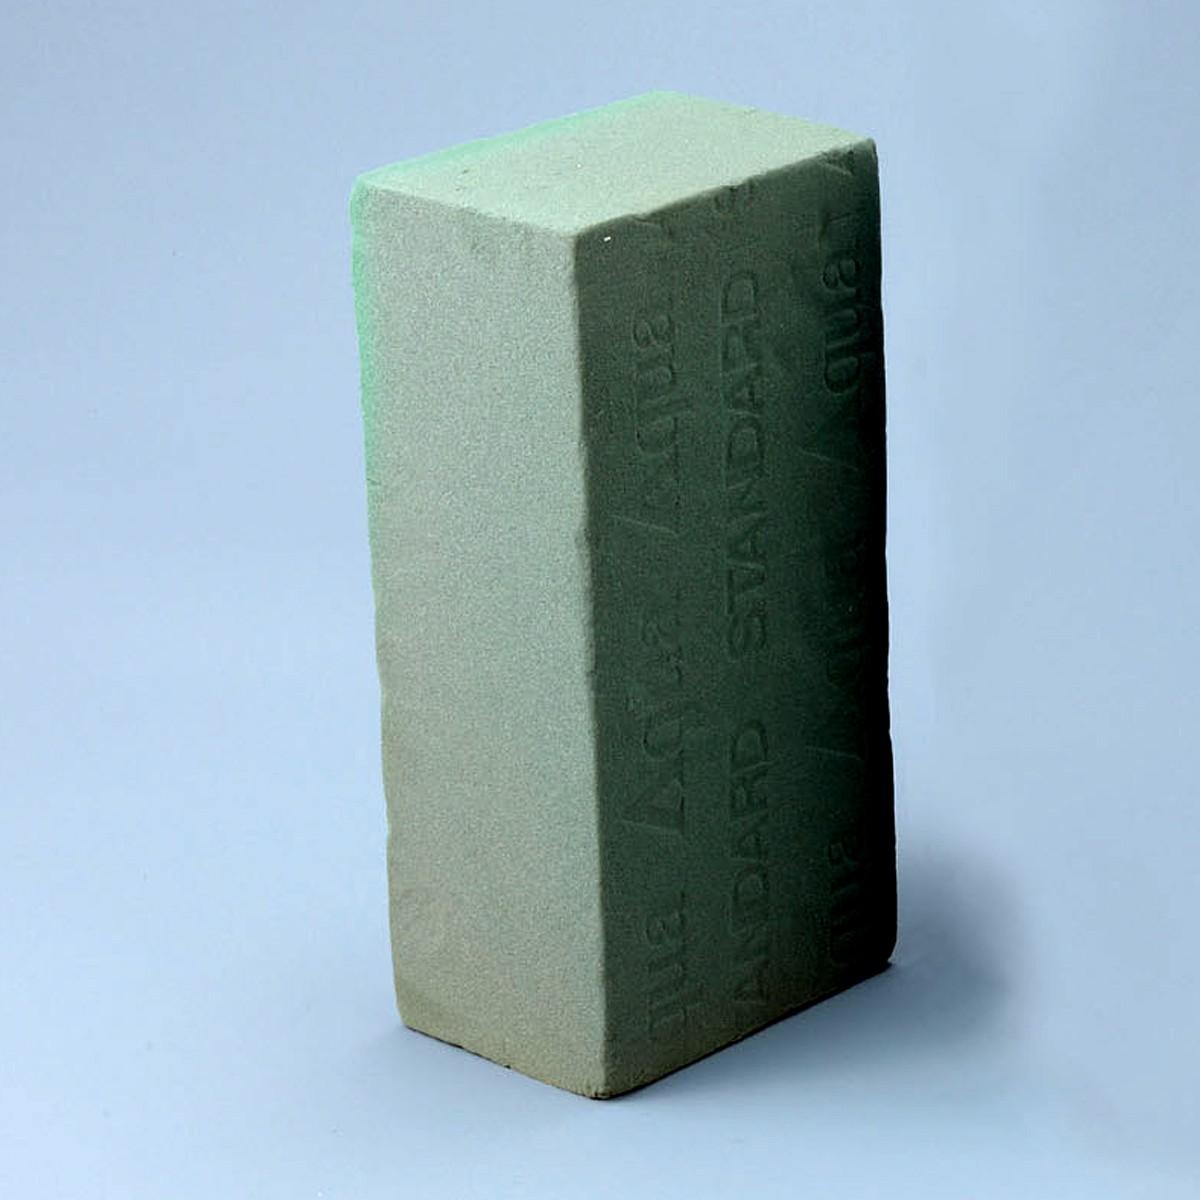 オアシス アクアフォーム スタンダード 48個入 深緑色 【 樹脂 型 】